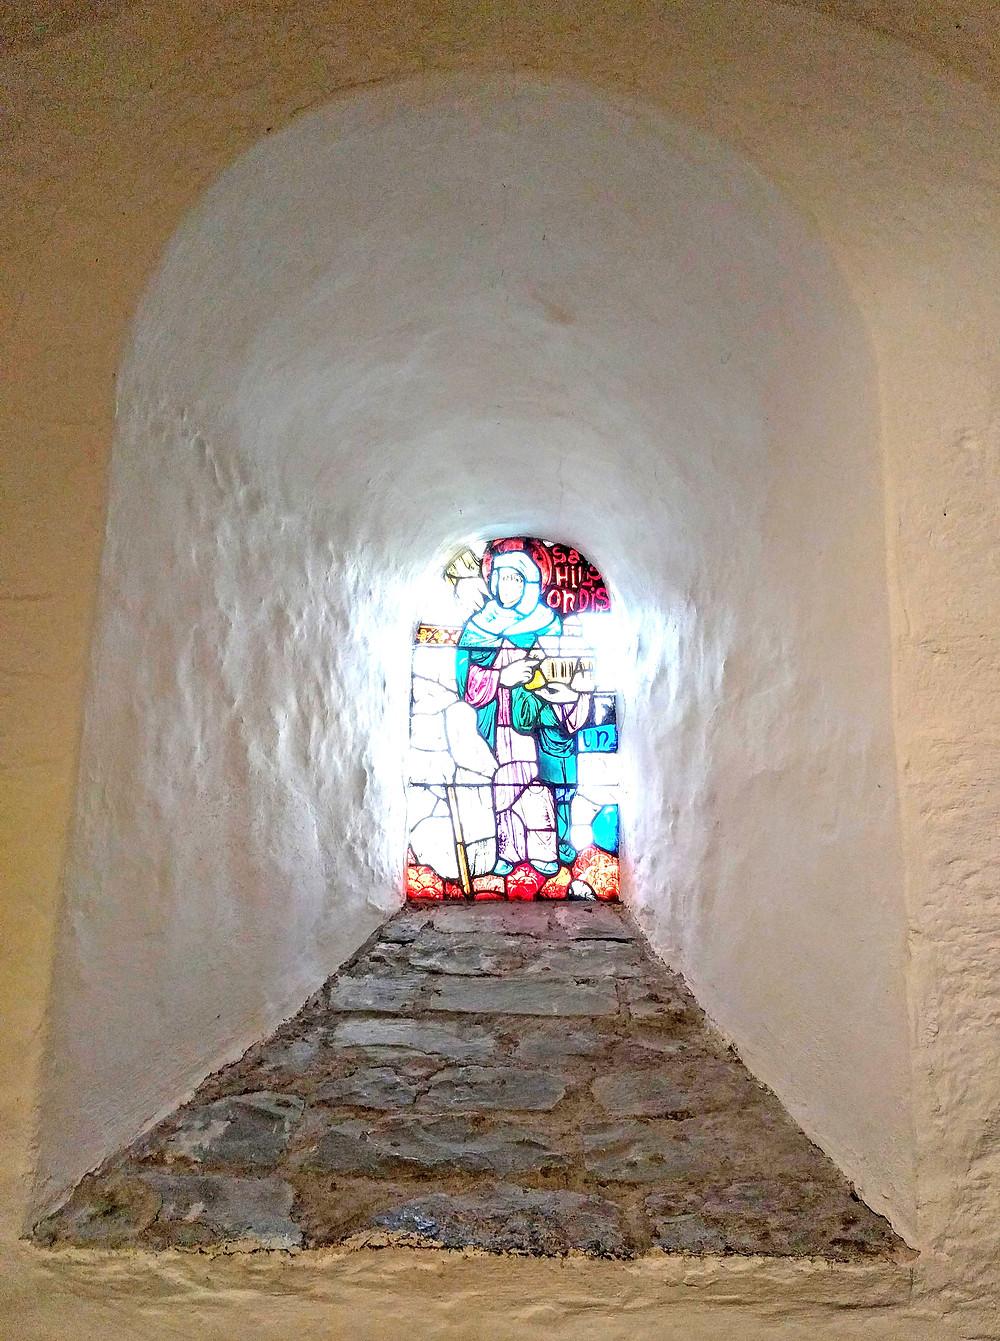 ויטראז' מתחילת המאה ה-12. דמויותיהם של מייסדי המנזר